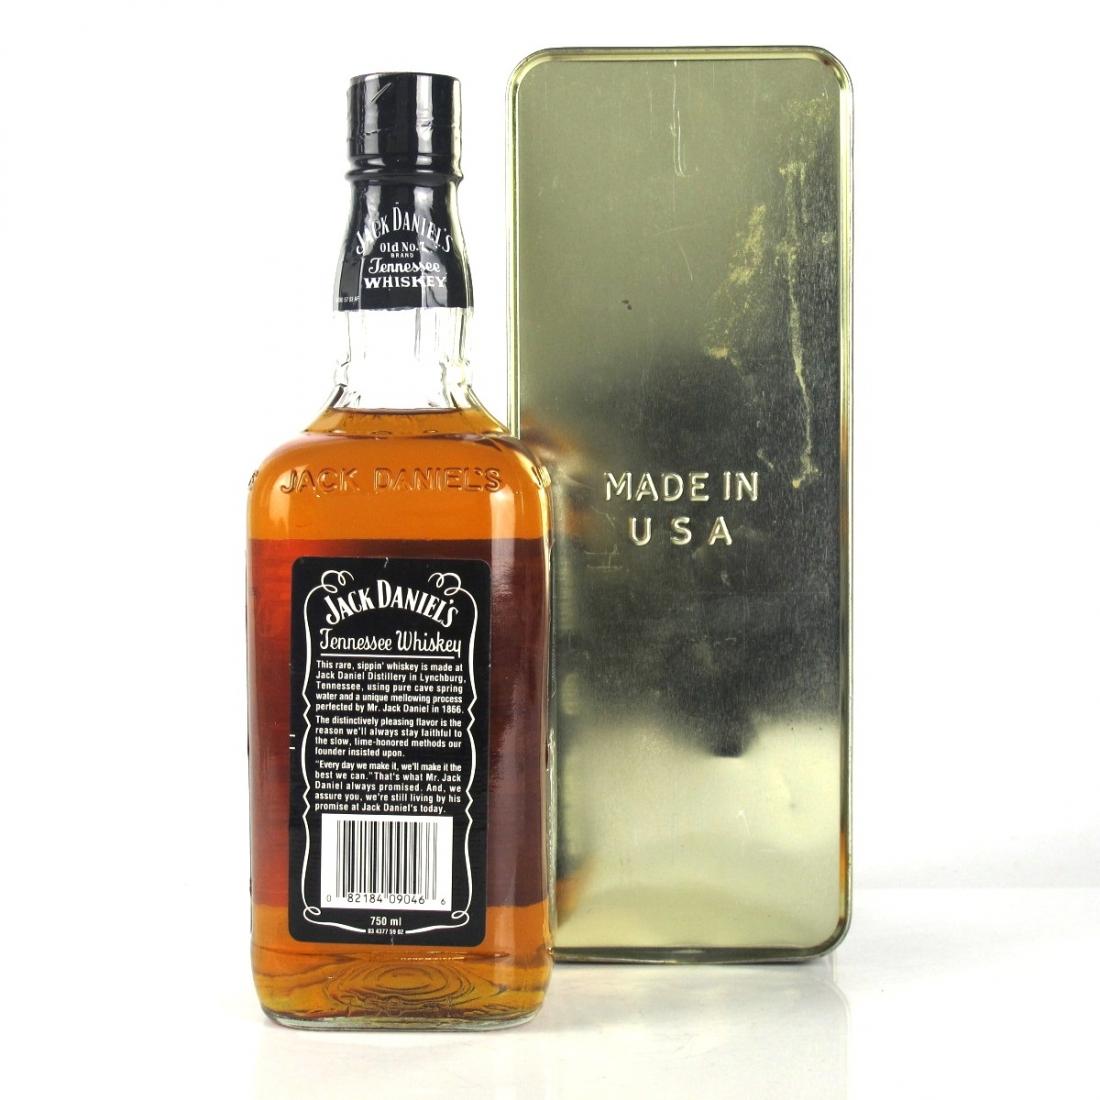 Jack Daniel's Old No. 7 Gift Tin Pre-2003 43%